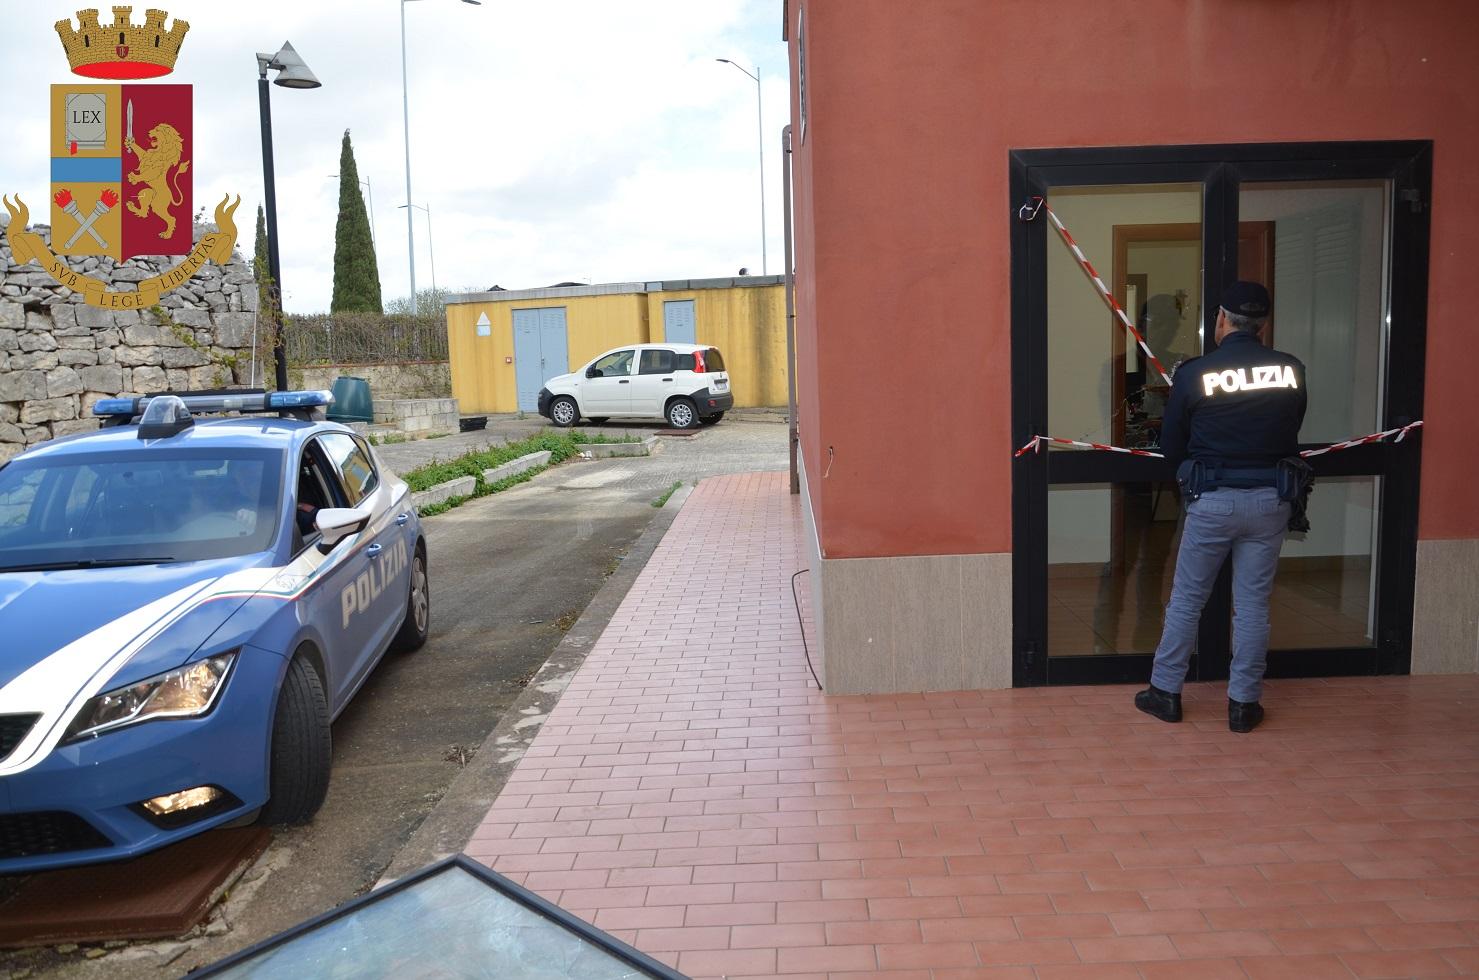 Il ritorno dell'attacchino: tentato furto agli uffici del comune di Modica